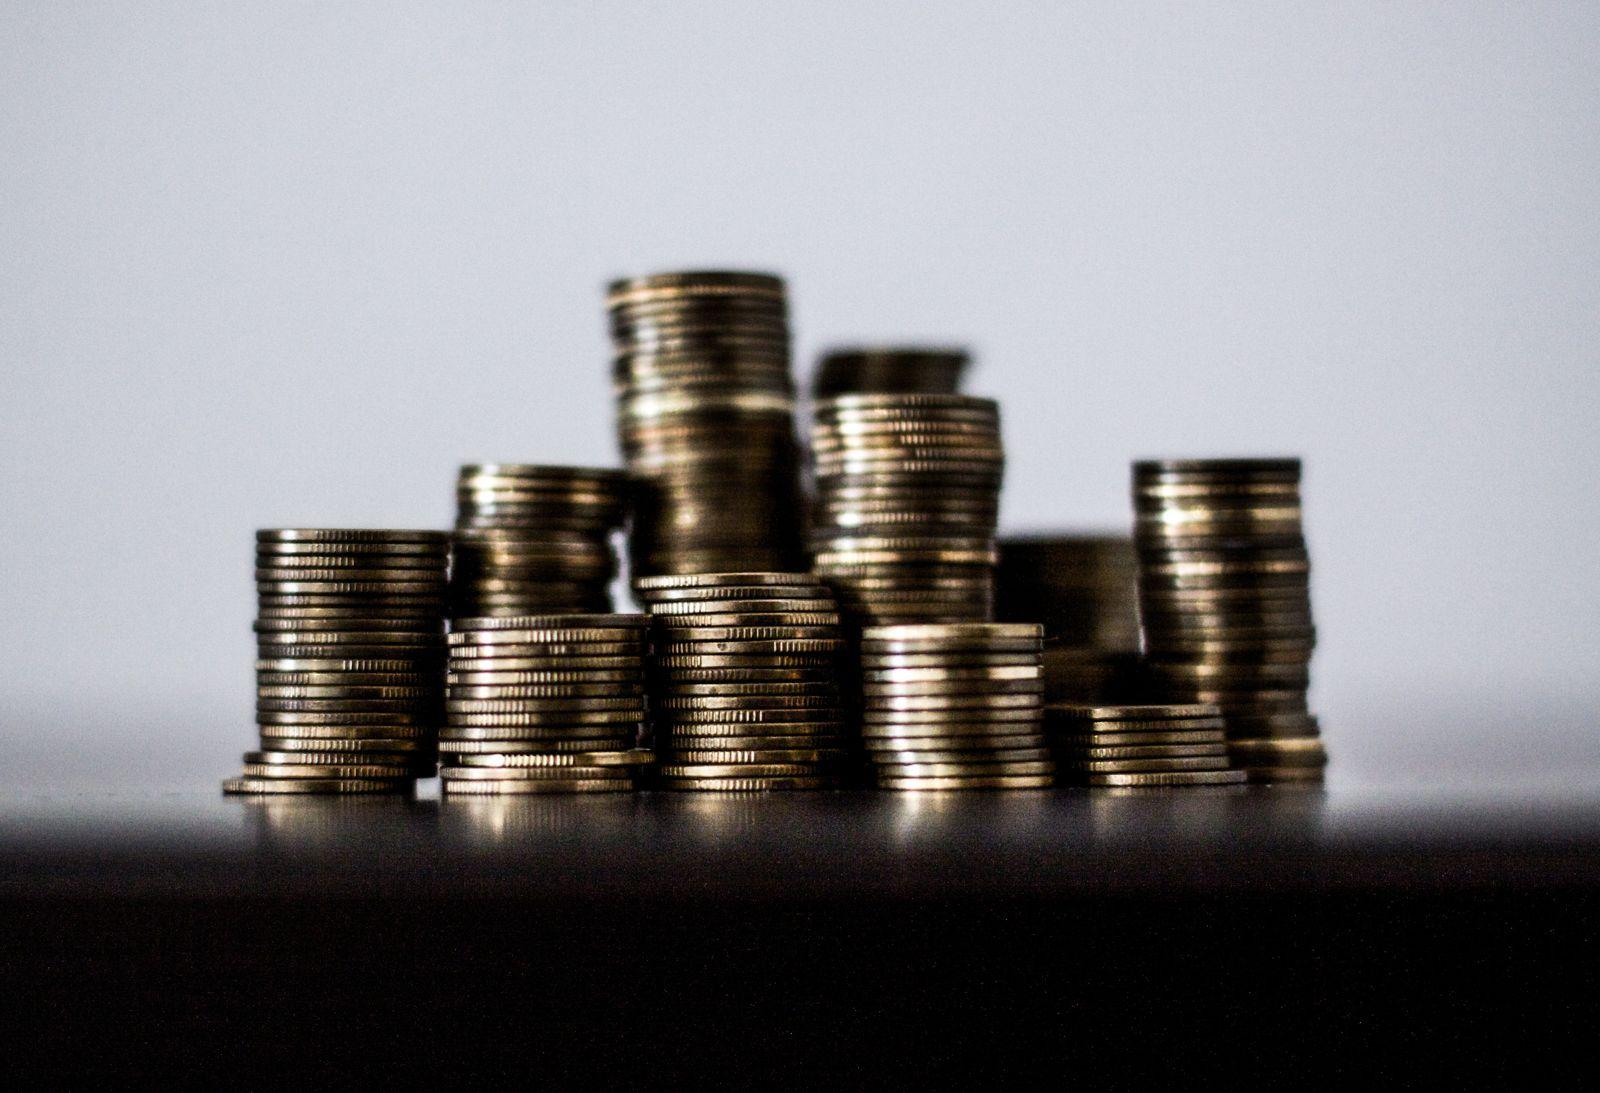 coins money finance wallpaper 73911